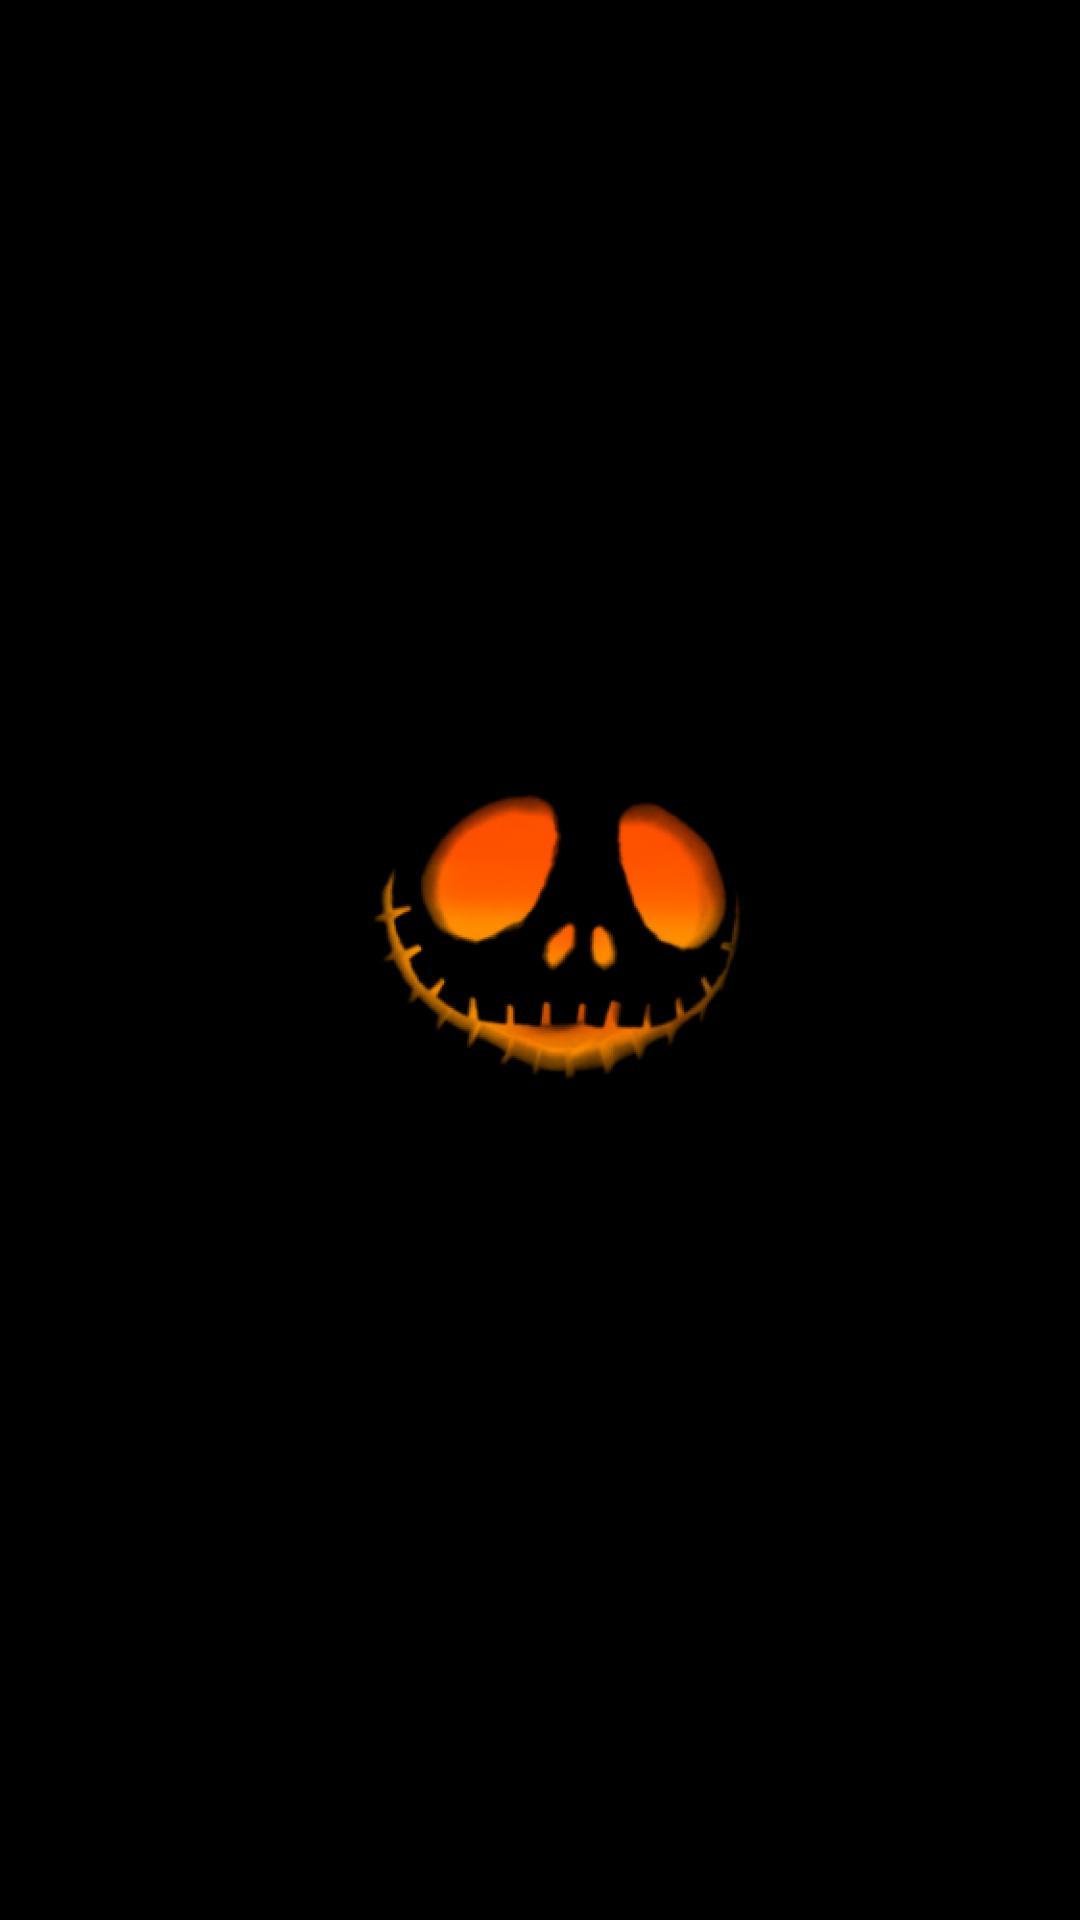 Halloween Wallpaper Iphone Wallpaper